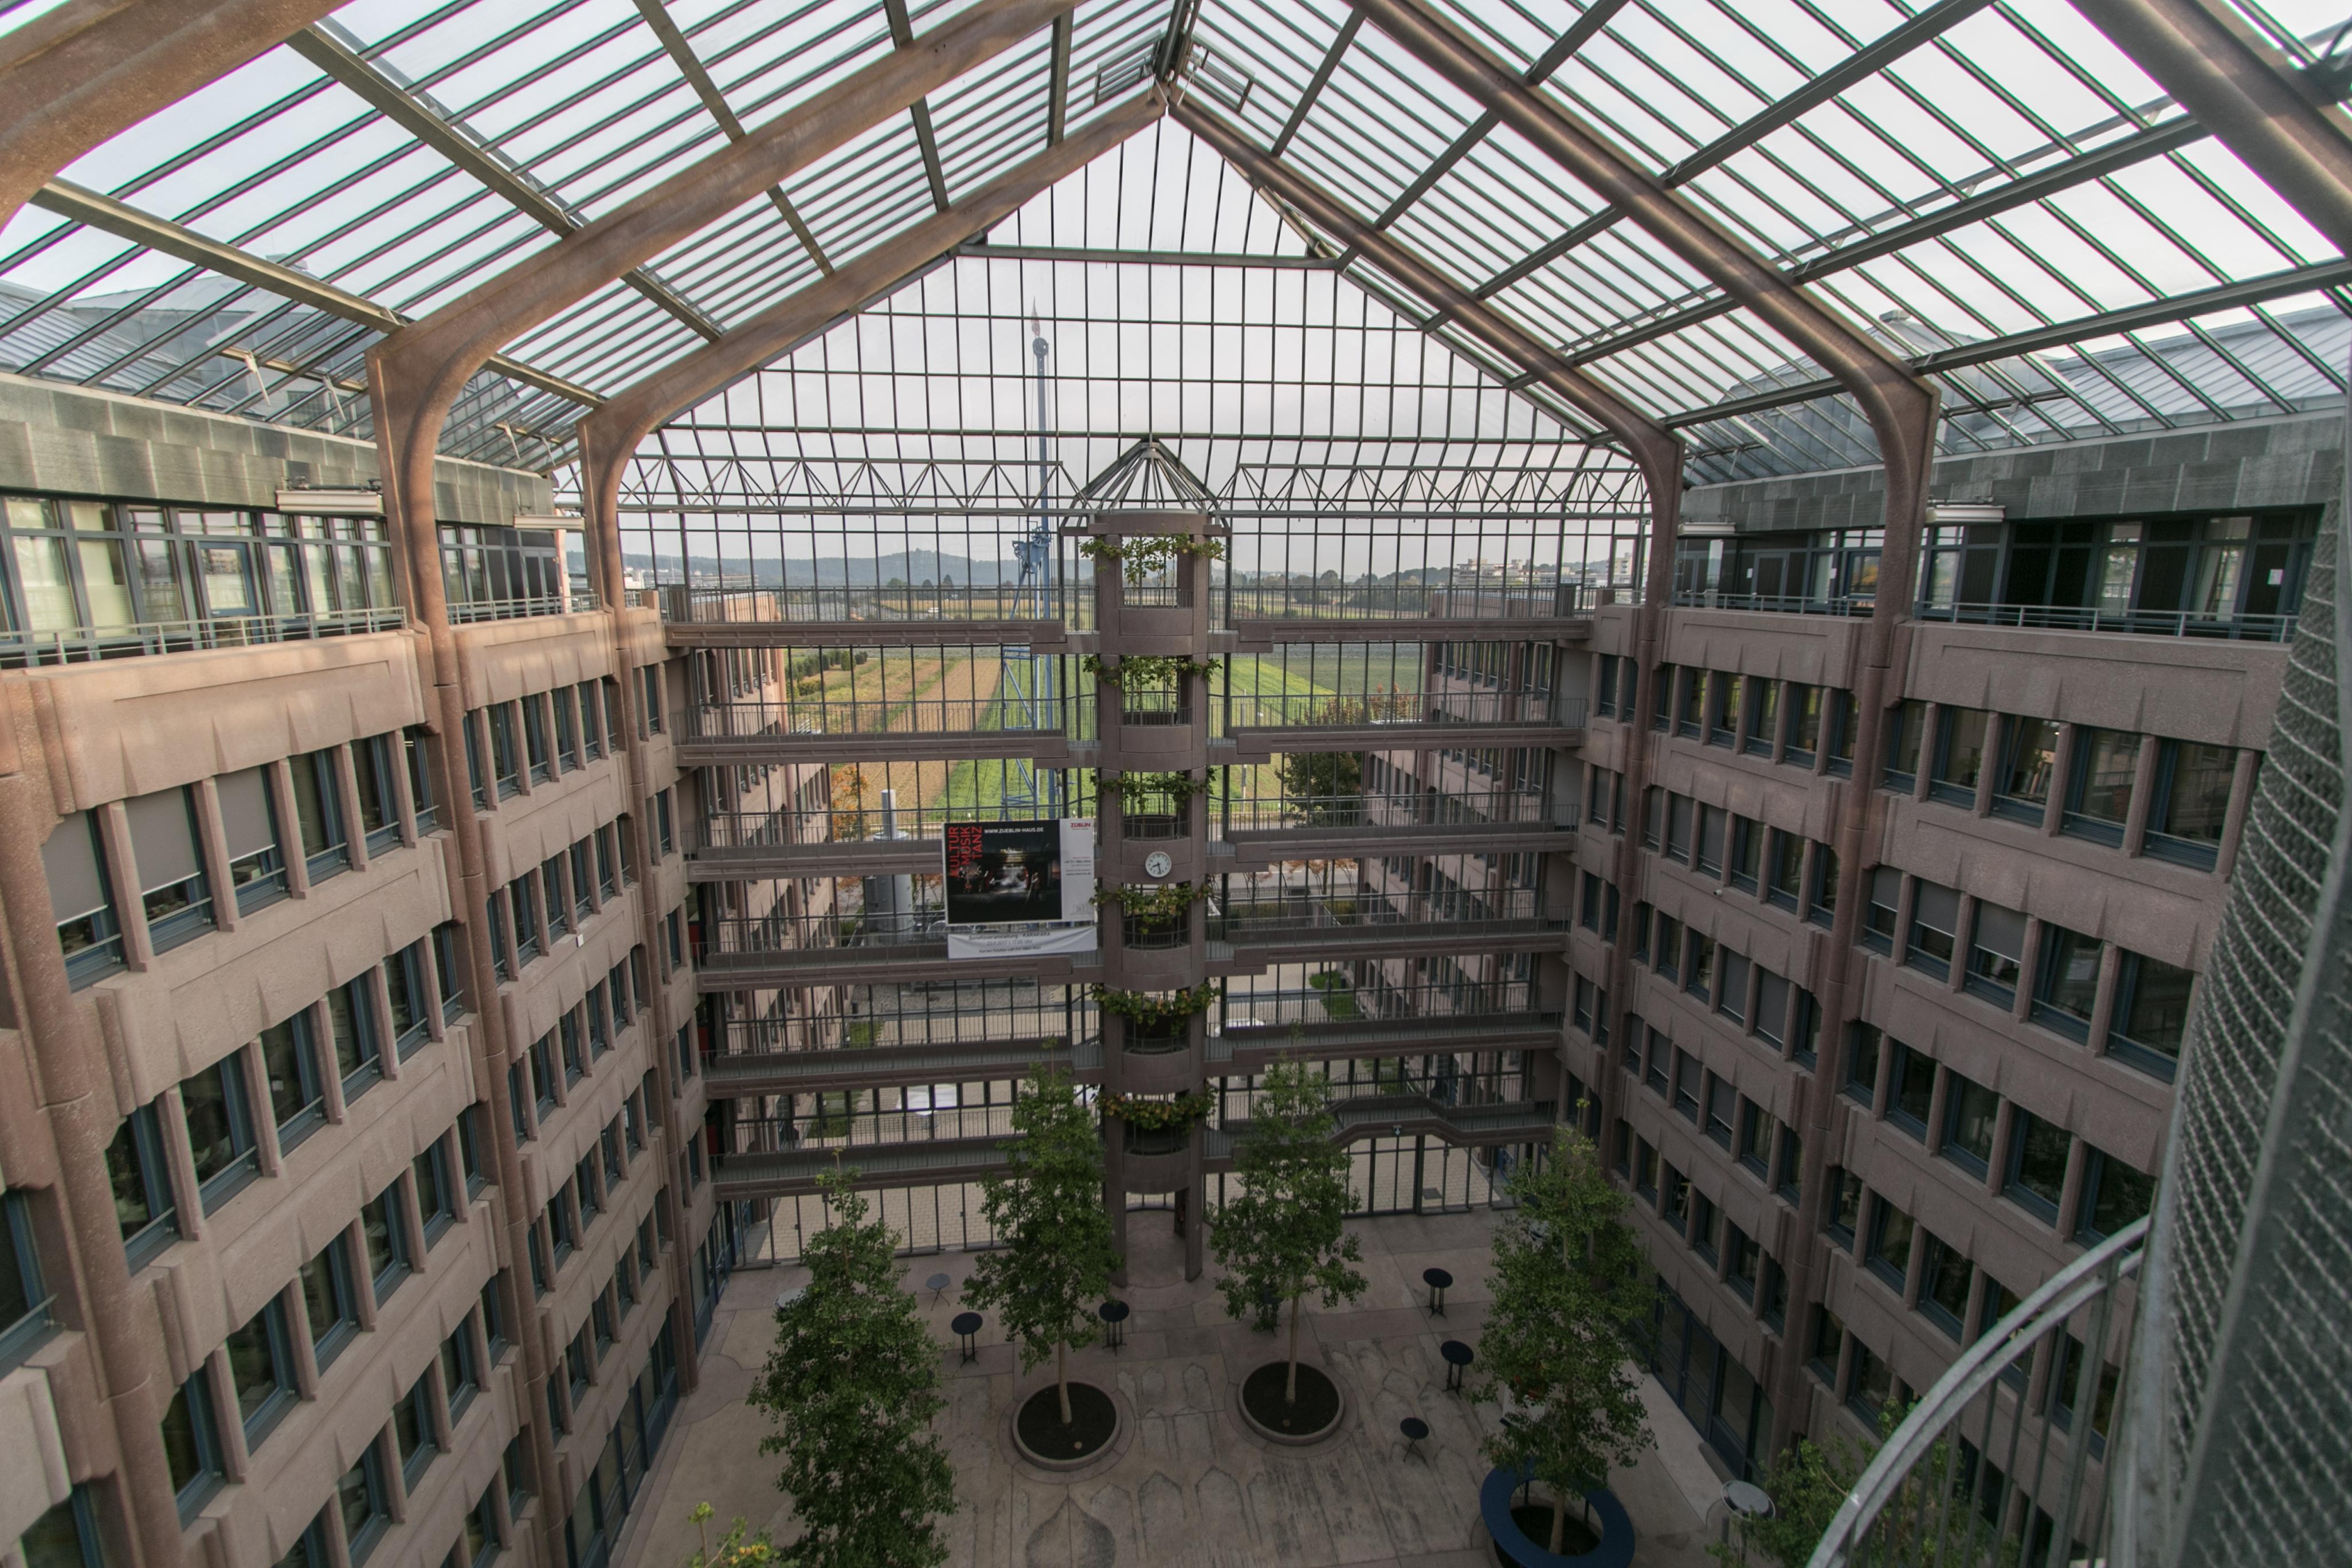 File:Züblin-Haus, Stuttgart 009.jpg - Wikimedia Commons